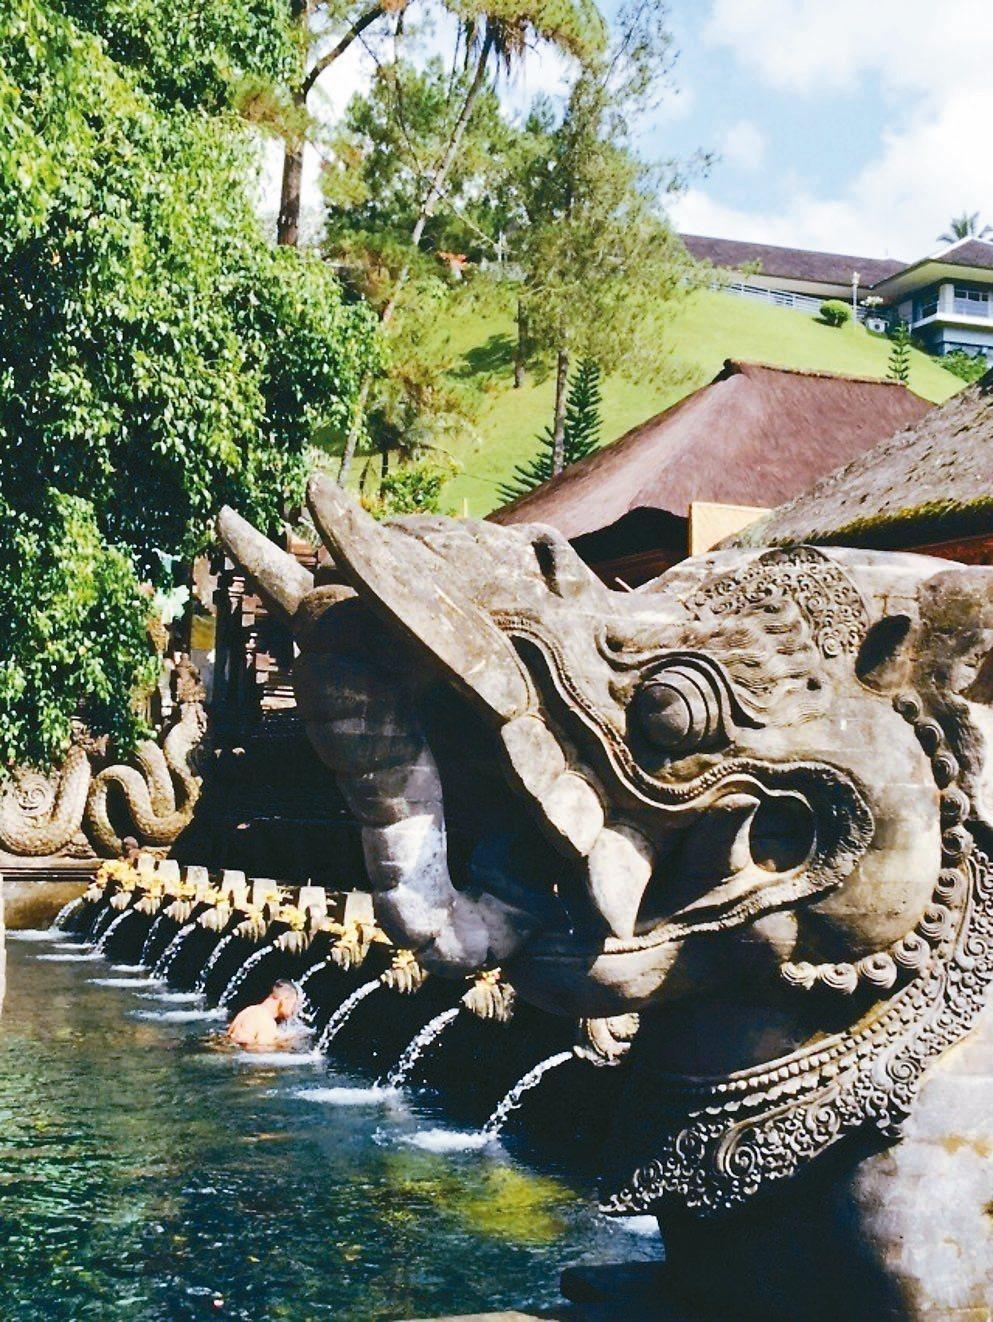 有千年歷史的聖泉寺是峇里島上最重要的寺廟之一。 記者錢欽青/攝影